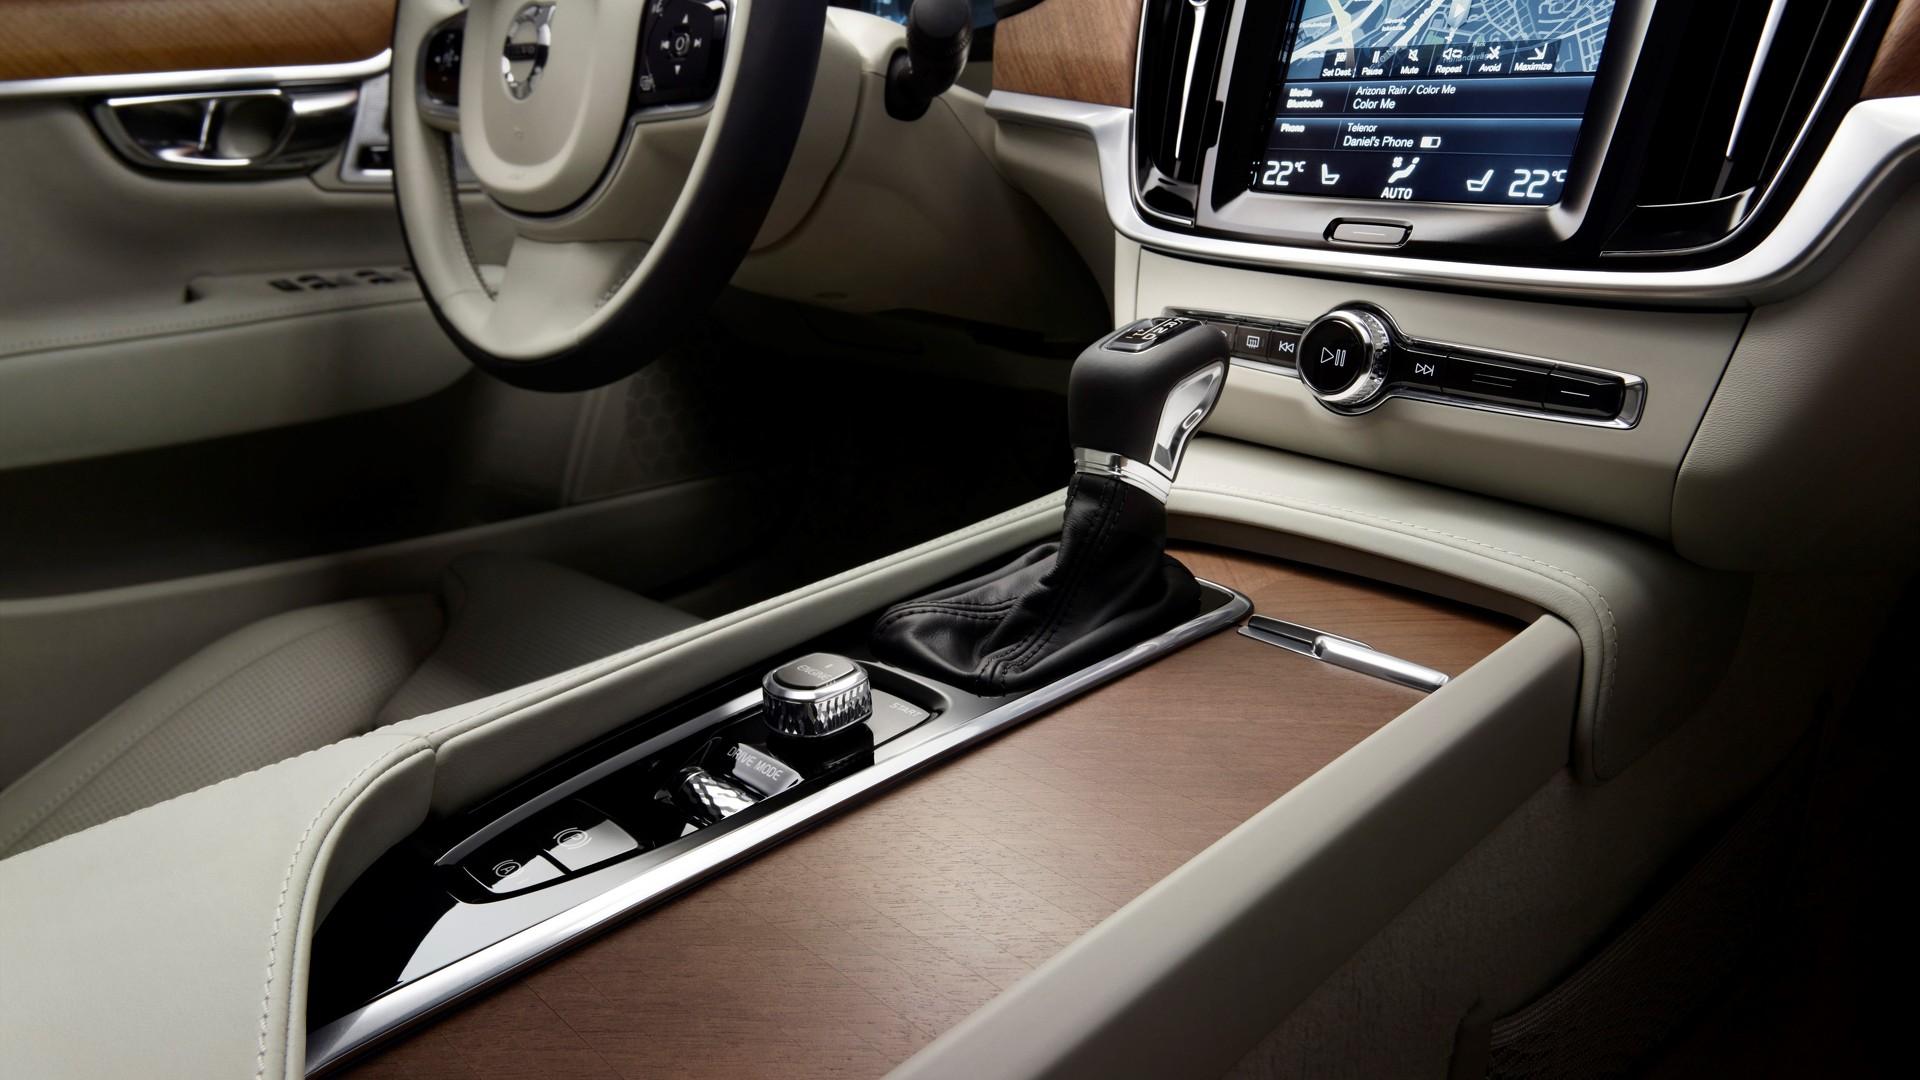 Inceleme 2017 Volvo S90